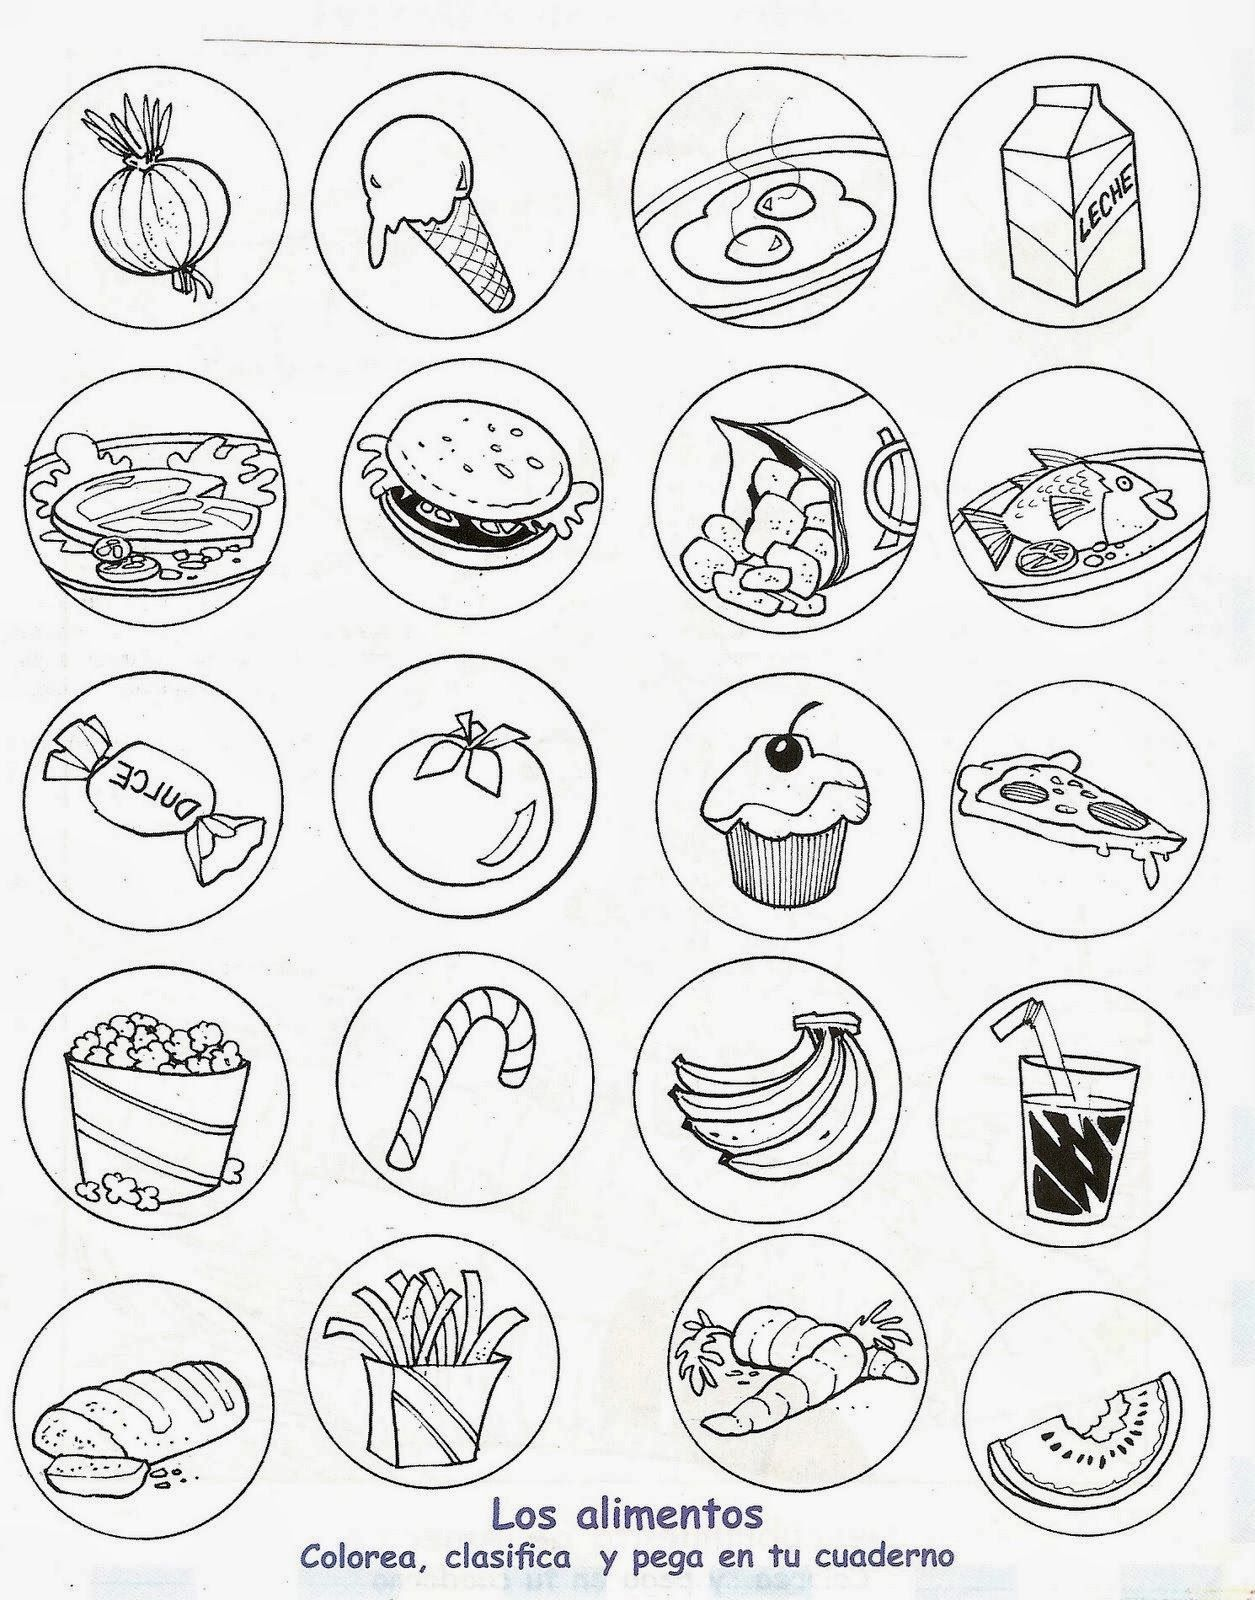 Alimentos saludables y alimentos chatarra para colorear ...